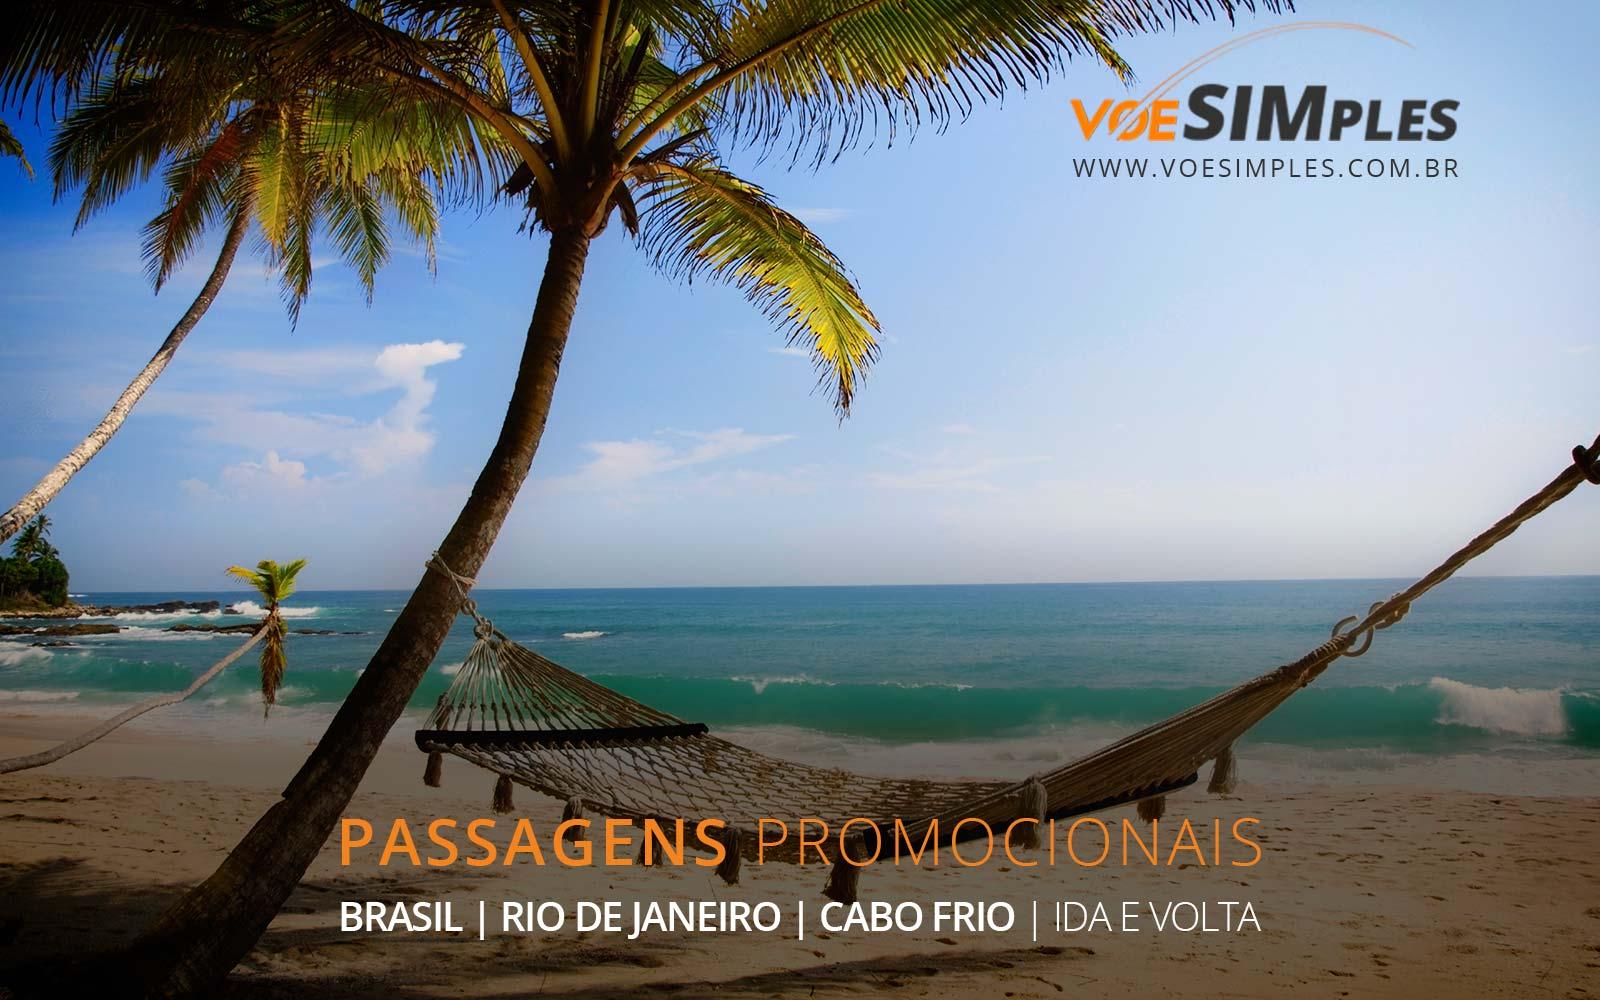 Passagens aéreas baratas para Cabo Frio no Rio de Janeiro